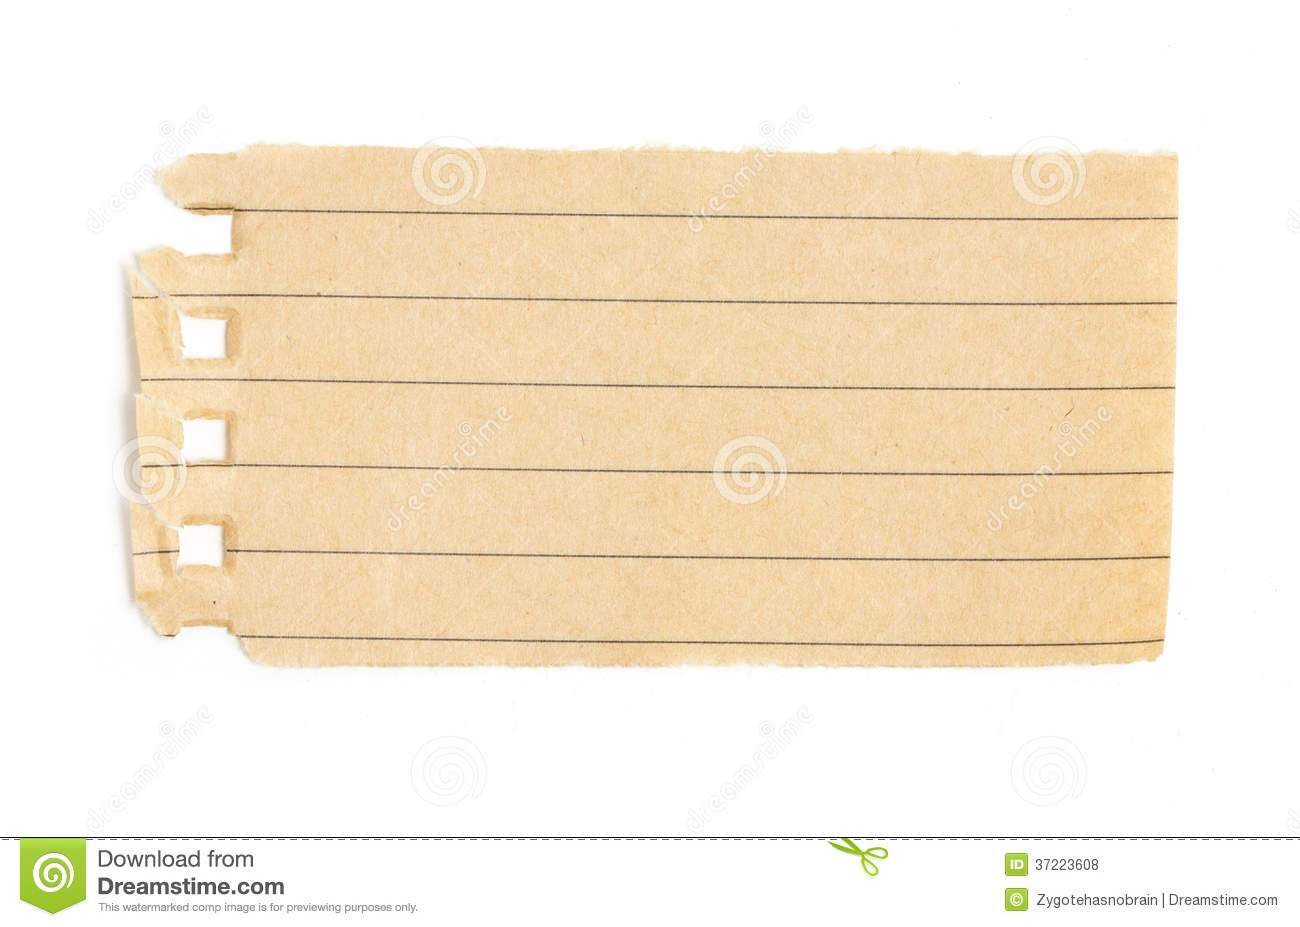 Scrap paper clipart 5 » Clipart Portal.